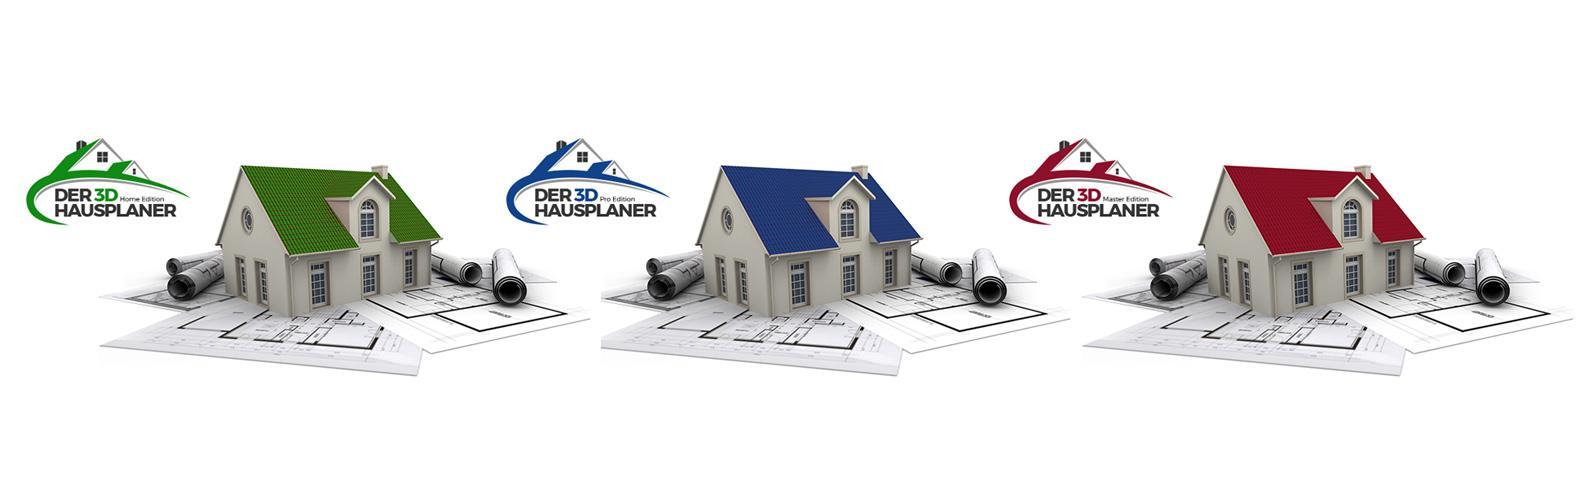 Bewertungen 3D Hausplaner Master: Das moderne 3D CAD Programm für Ihre Hausplanung - appvizer